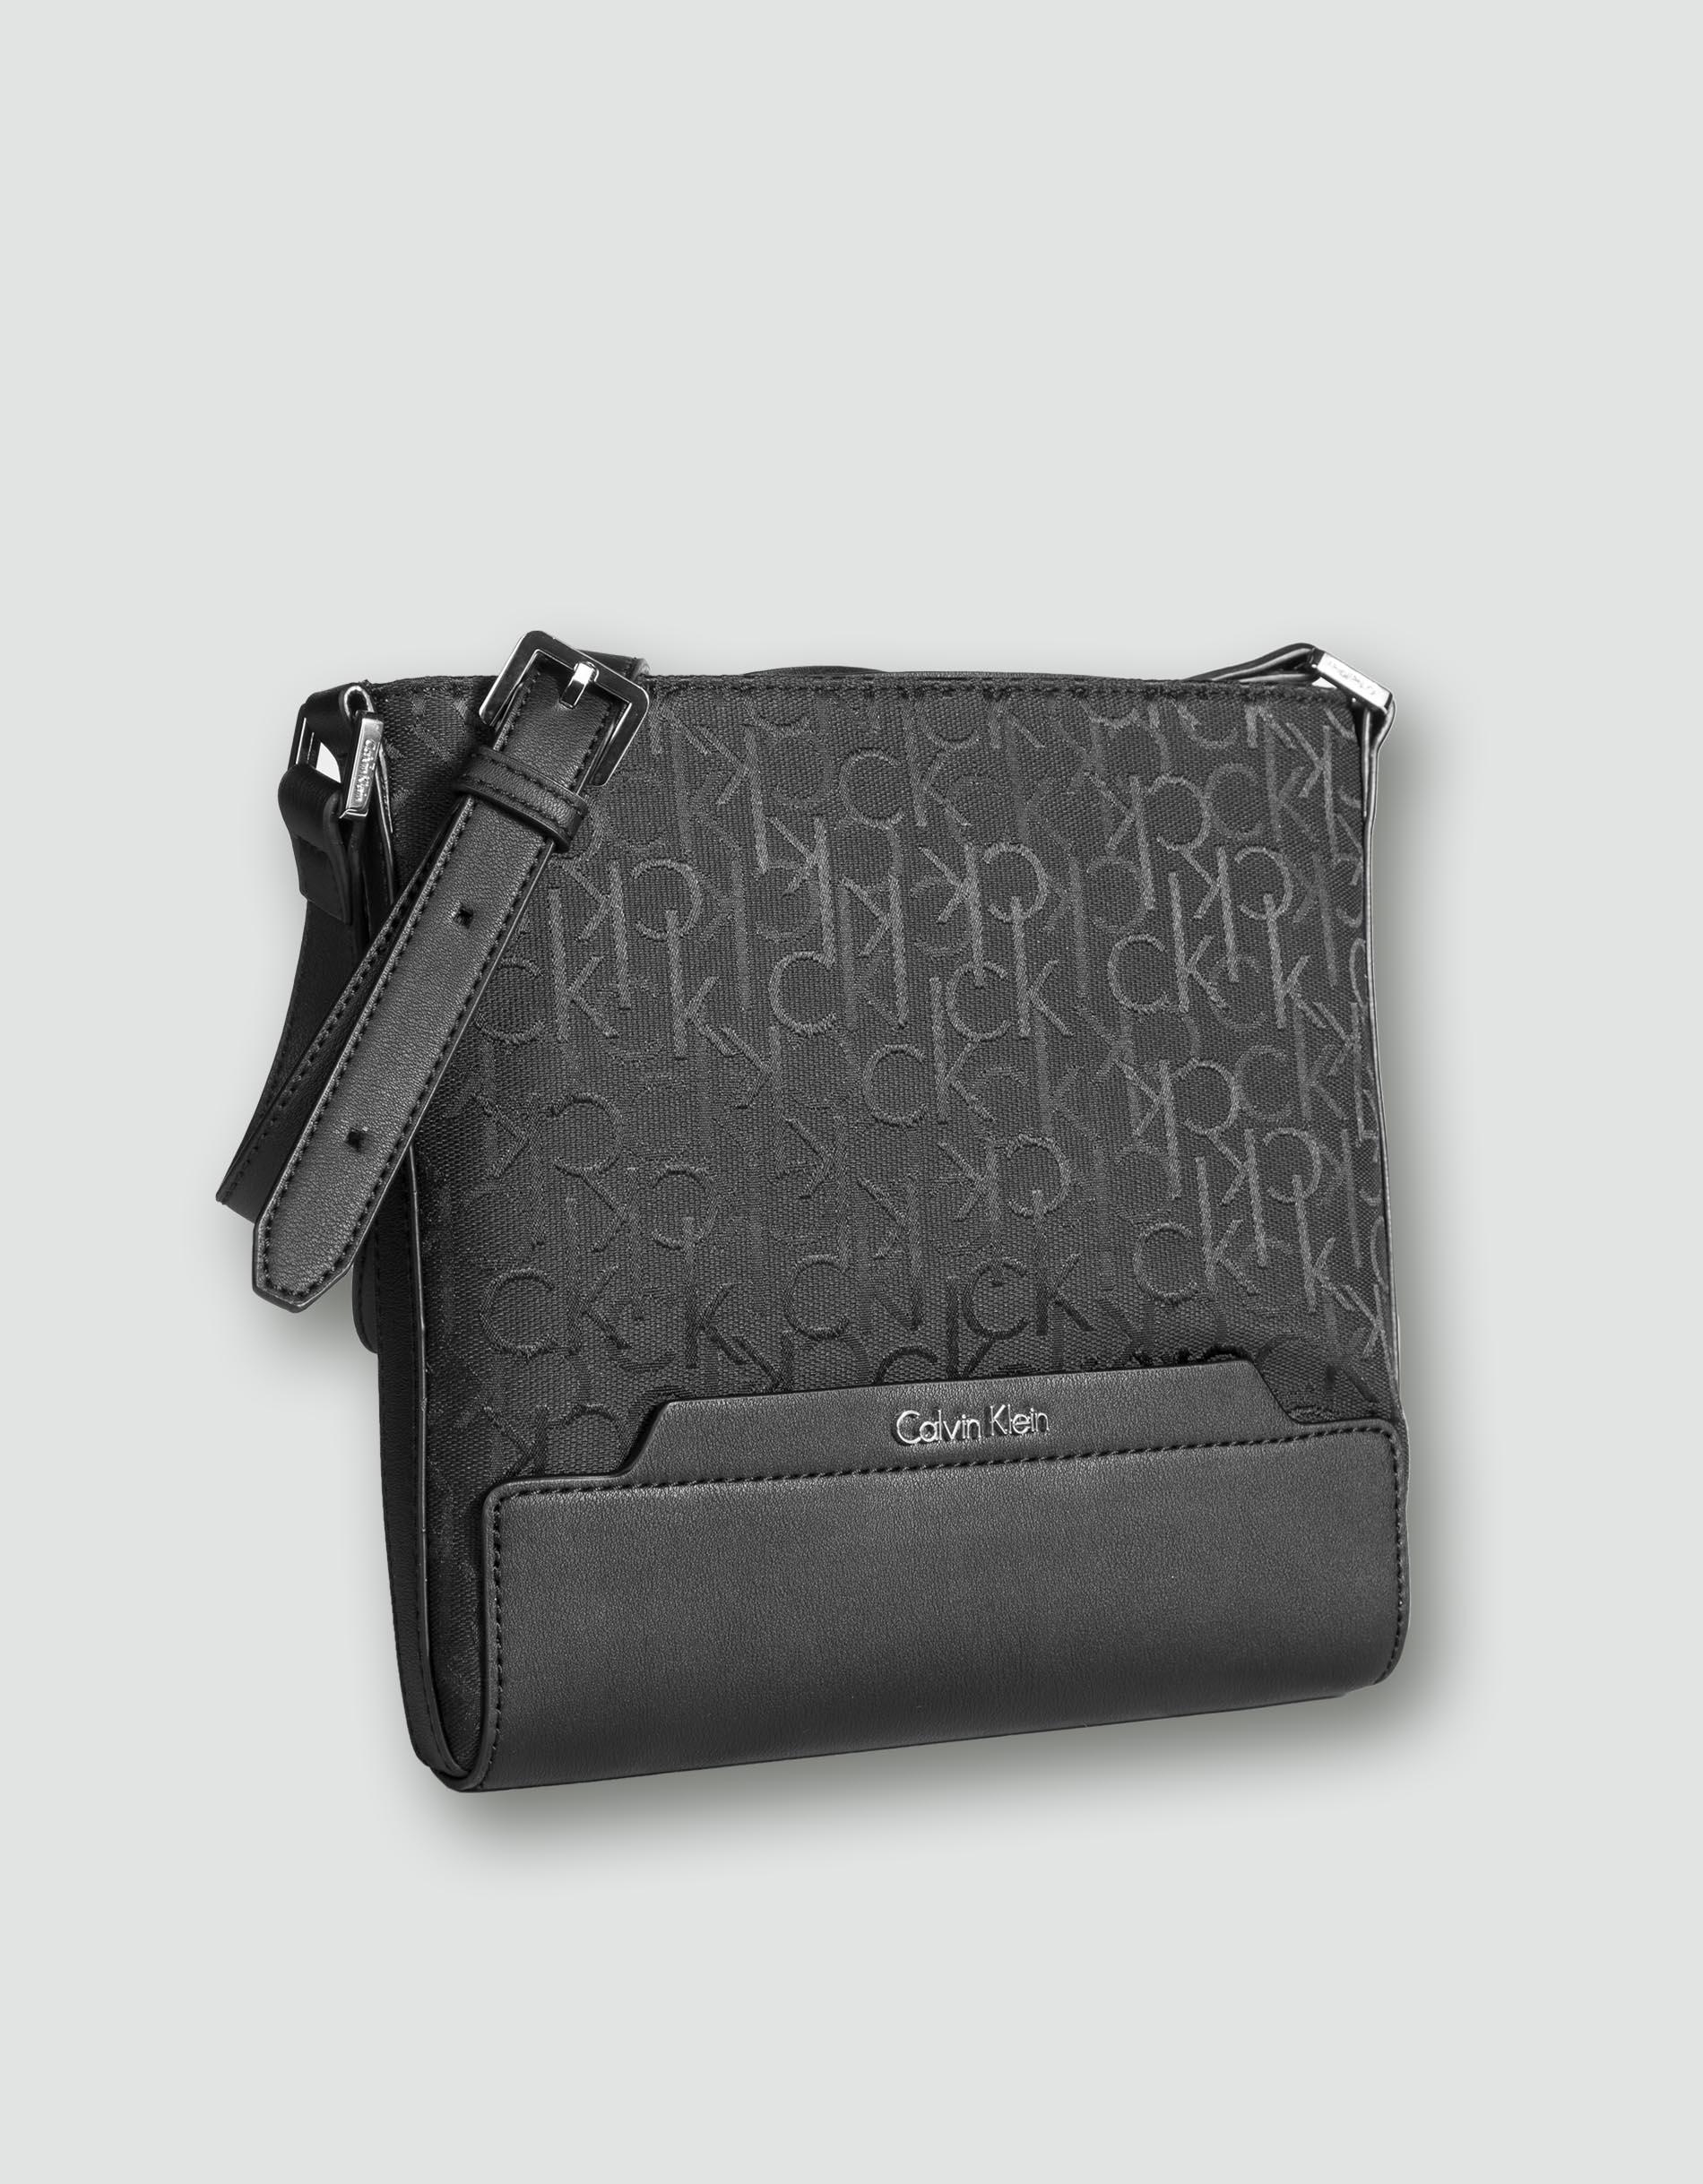 calvin klein jeans damen tasche schulter aus image gewebe. Black Bedroom Furniture Sets. Home Design Ideas